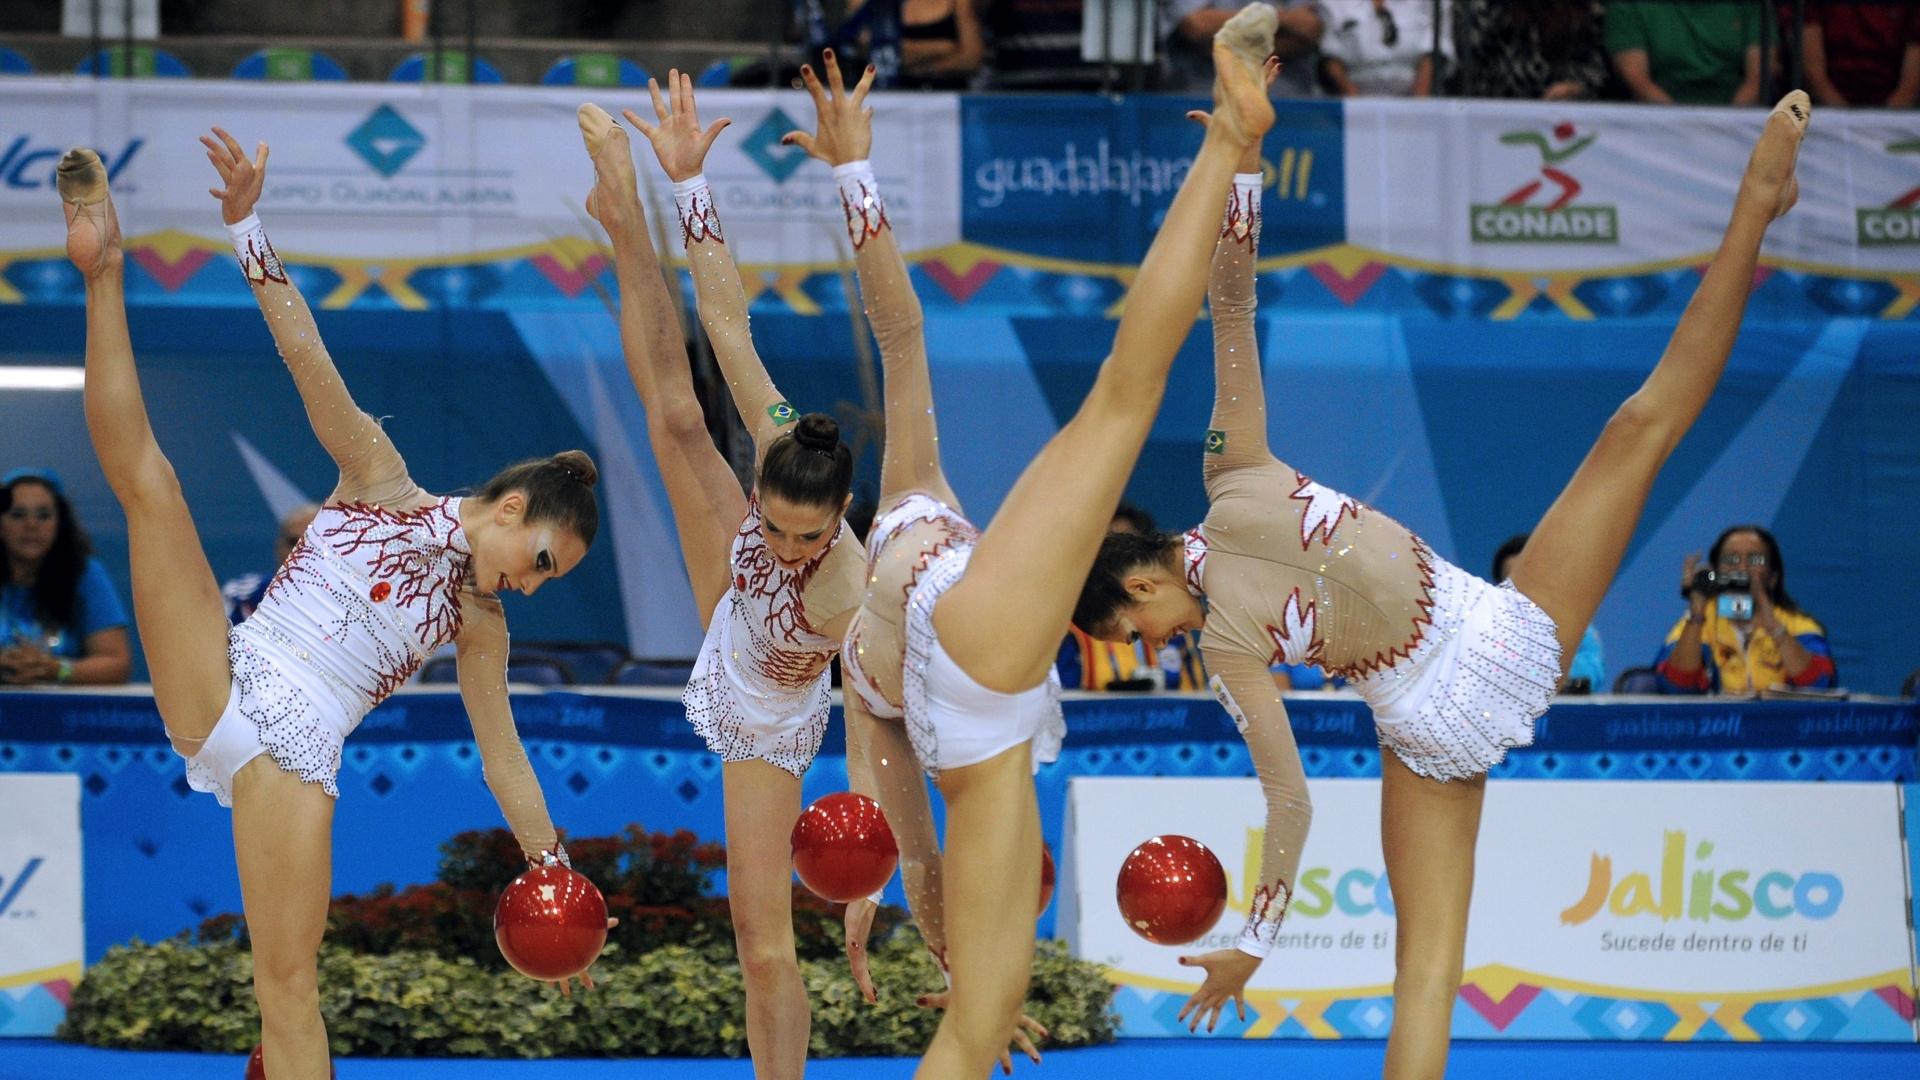 Equipe brasileira apresenta coreografia na disputa da ginástica rítmica. Apresentação com bolas rendeu nota 25.100 (16/10/2011)